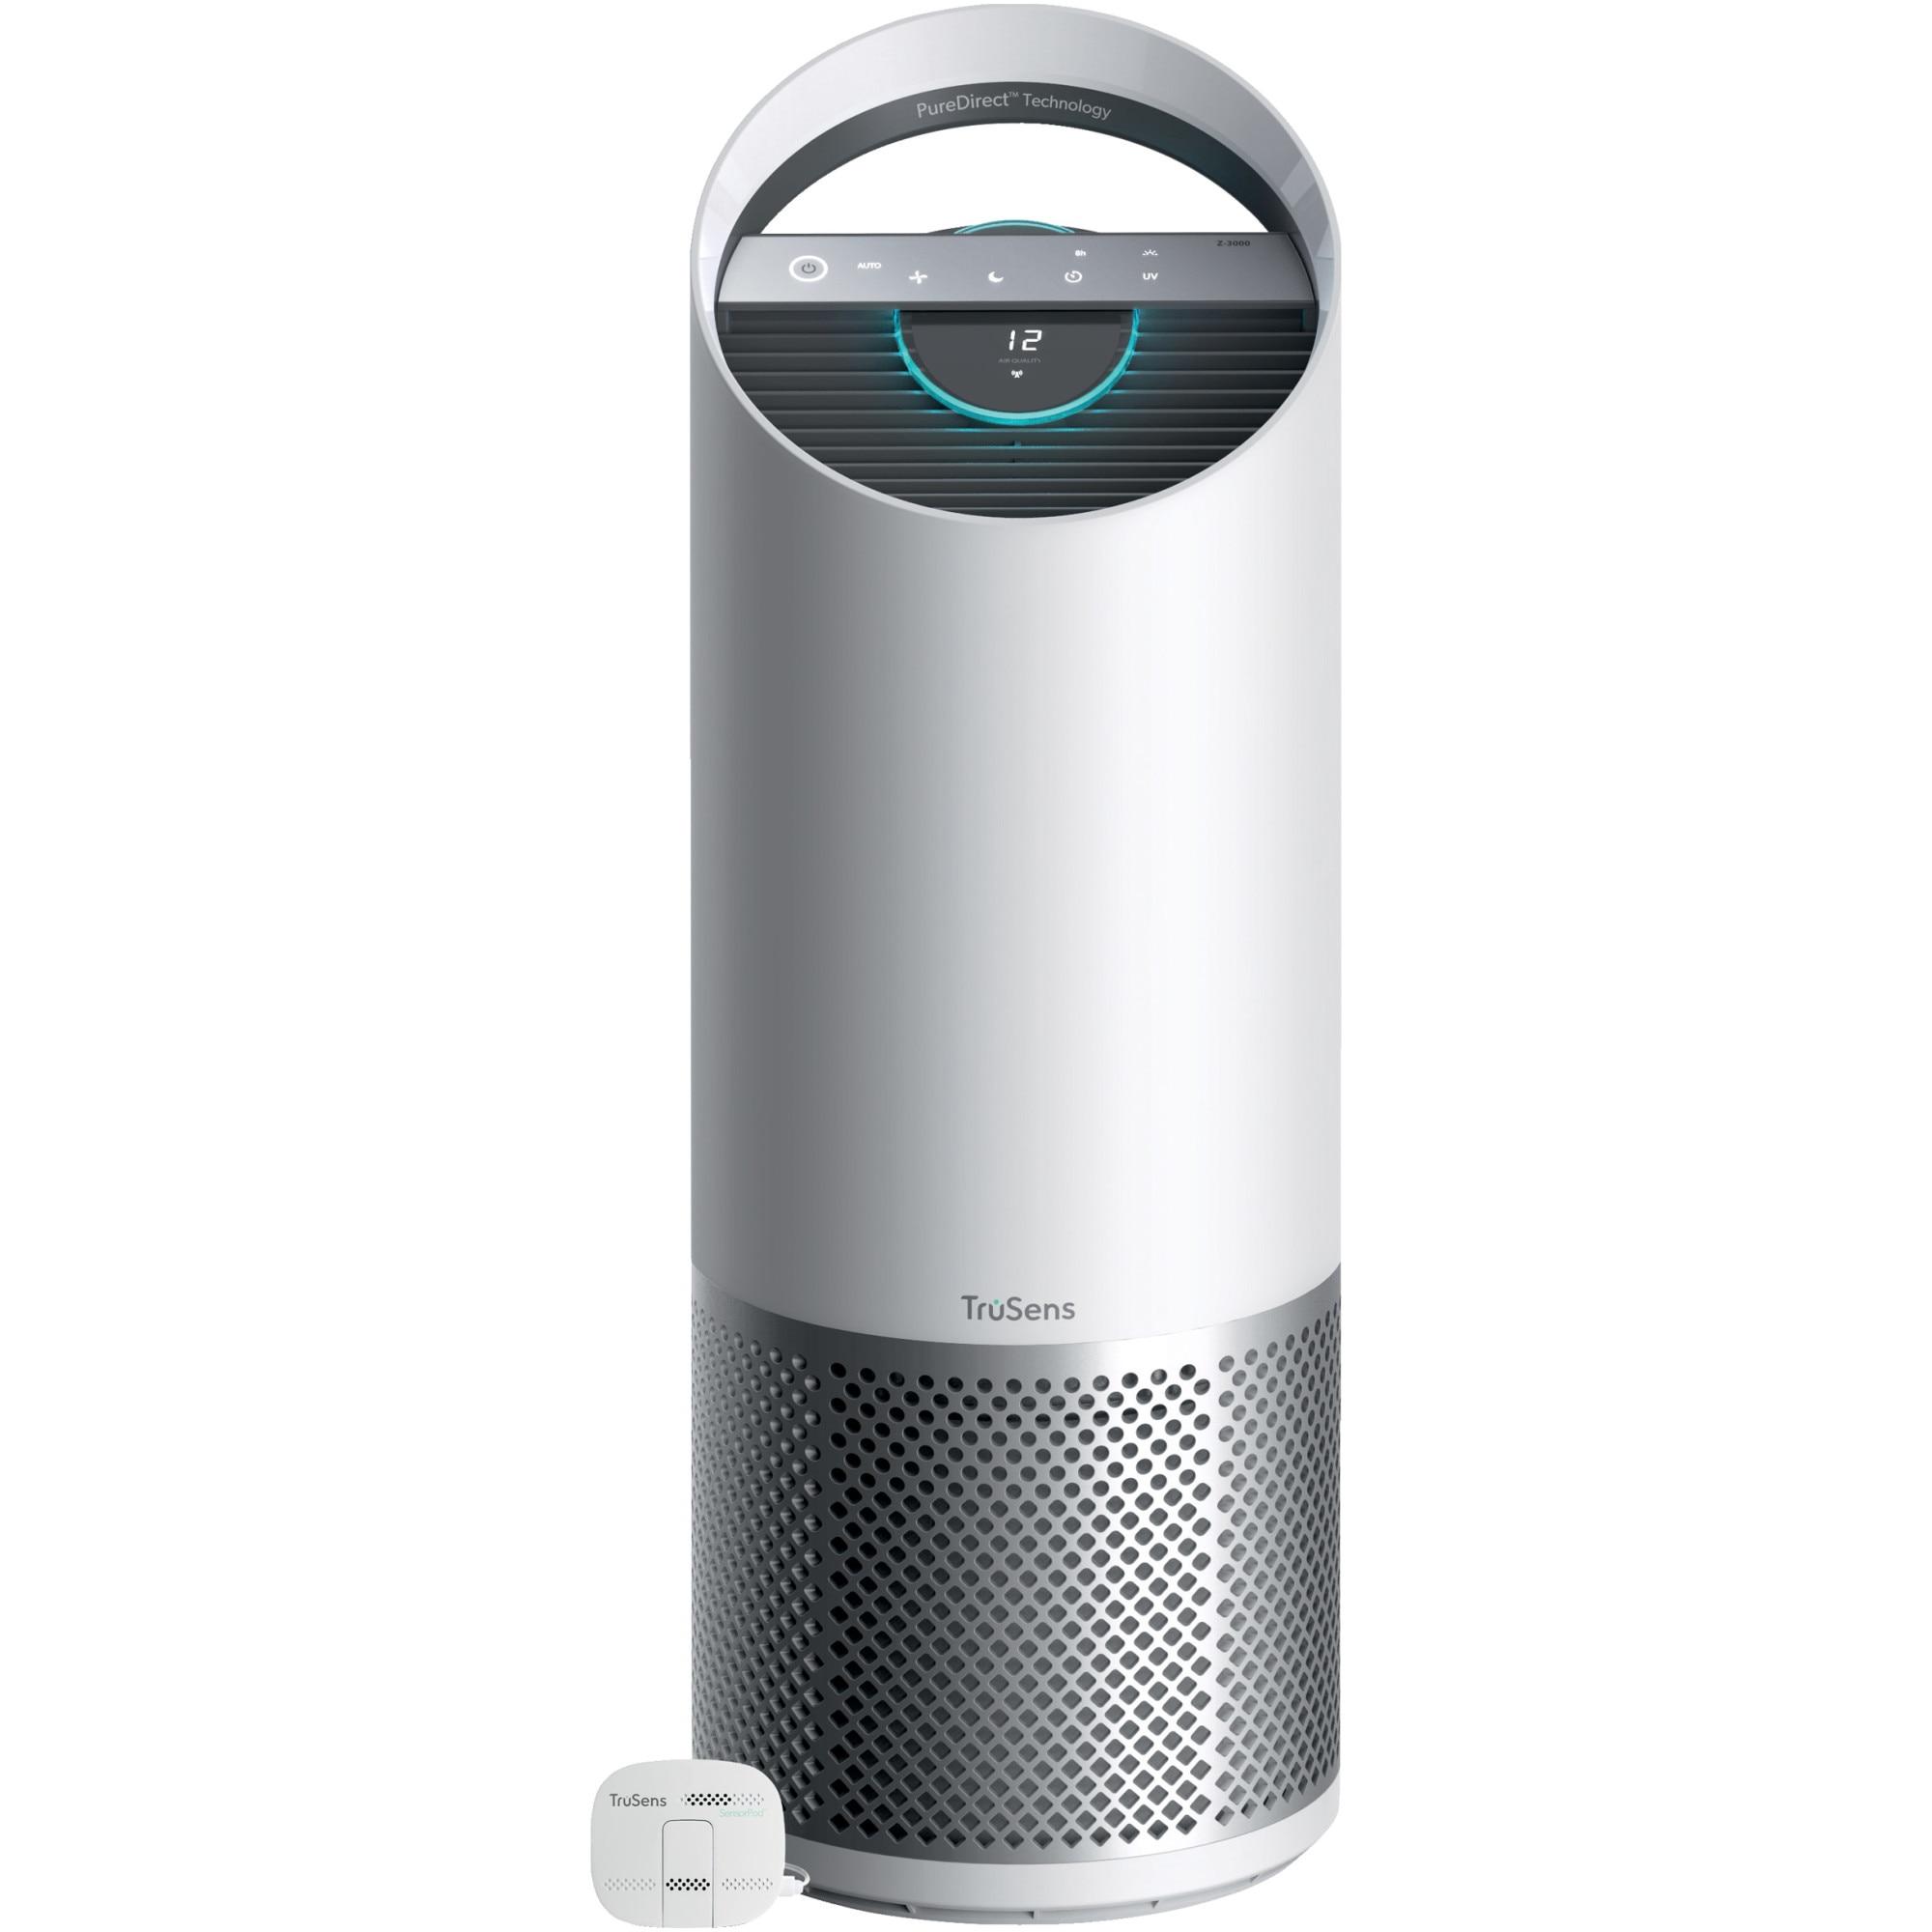 Fotografie Purificator aer Leitz TruSens™ Z-3000 cu SensorPod™ pentru monitorizare calitate aer, doua fluxuri de aer, sterilizare UV, filtre DuPont carbon si HEPA360, 70m², indicator schimb filtre, display touch, silentios, timer, mod de noapte, alb